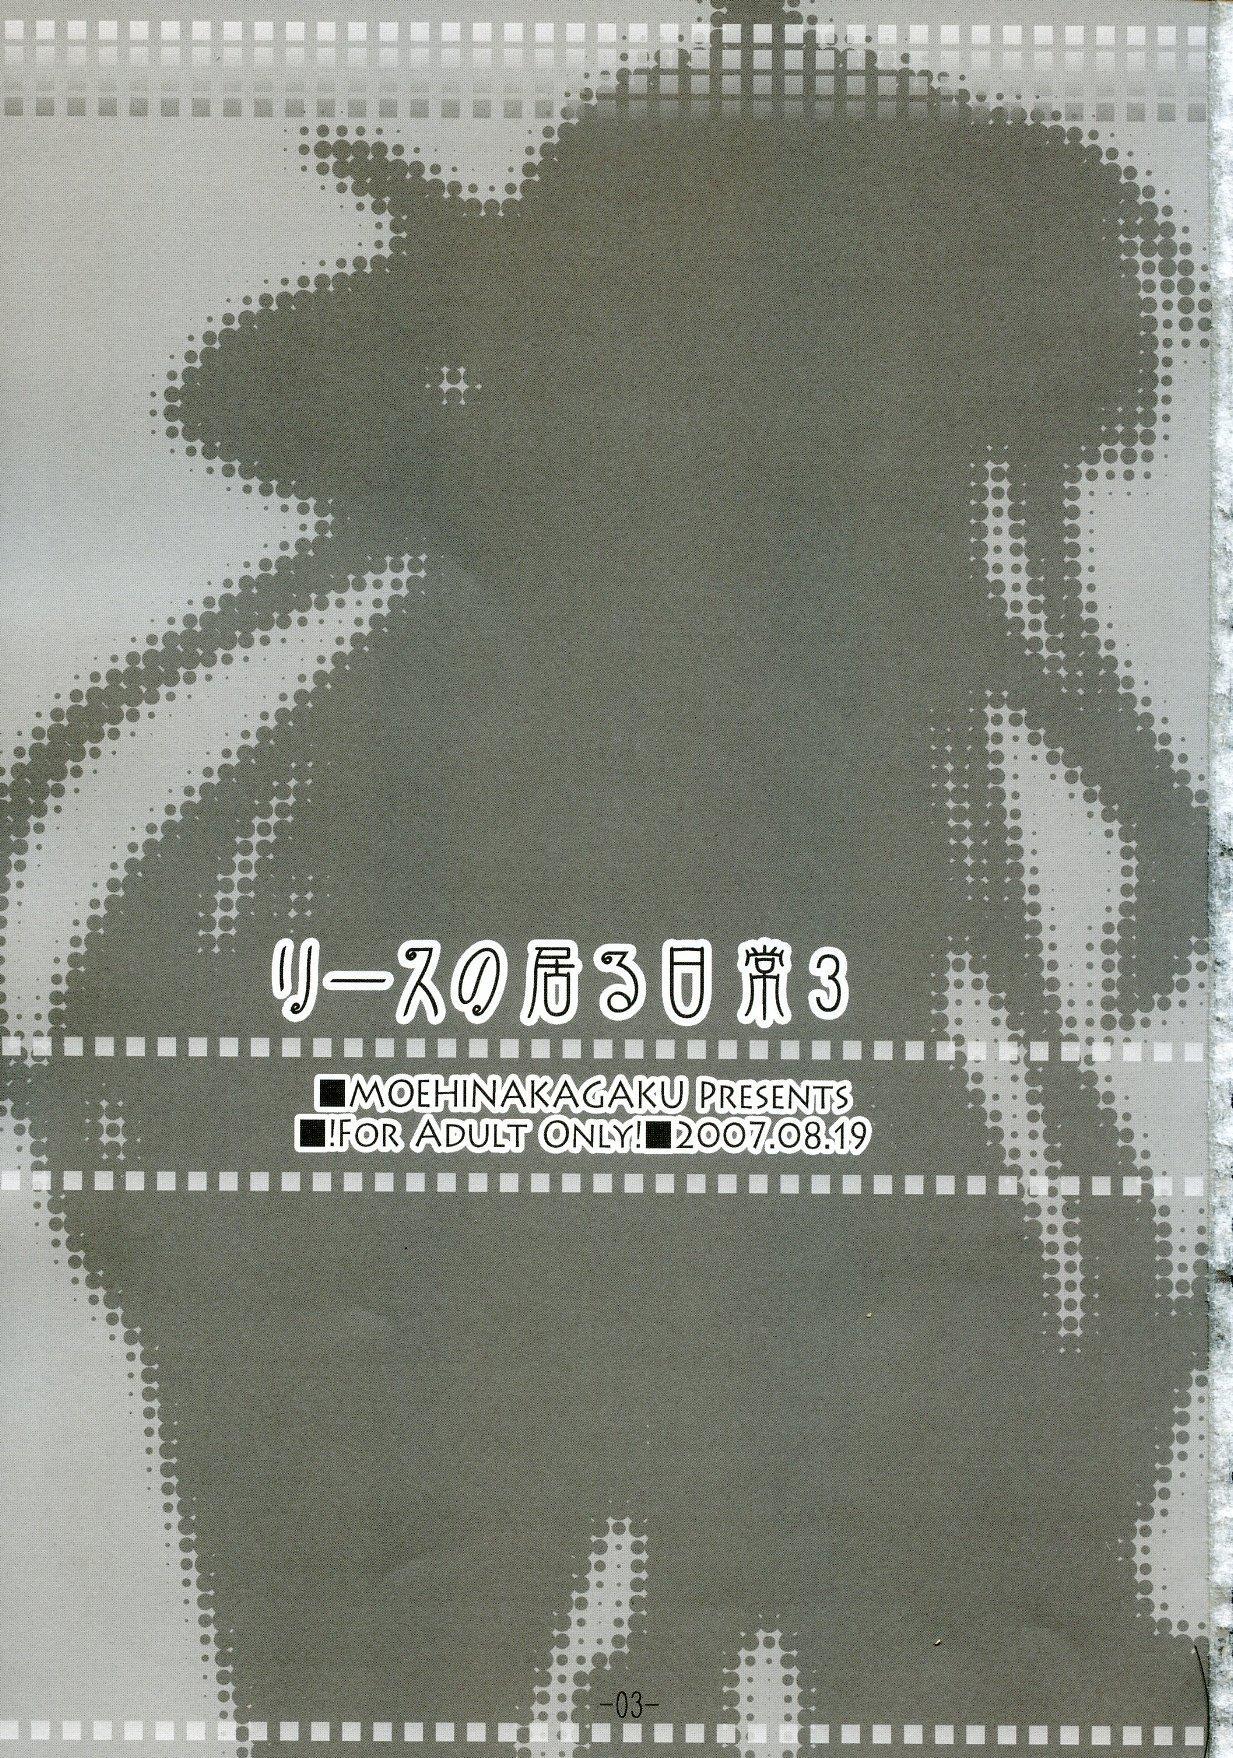 Riesz no Iru Nichijou 3 1